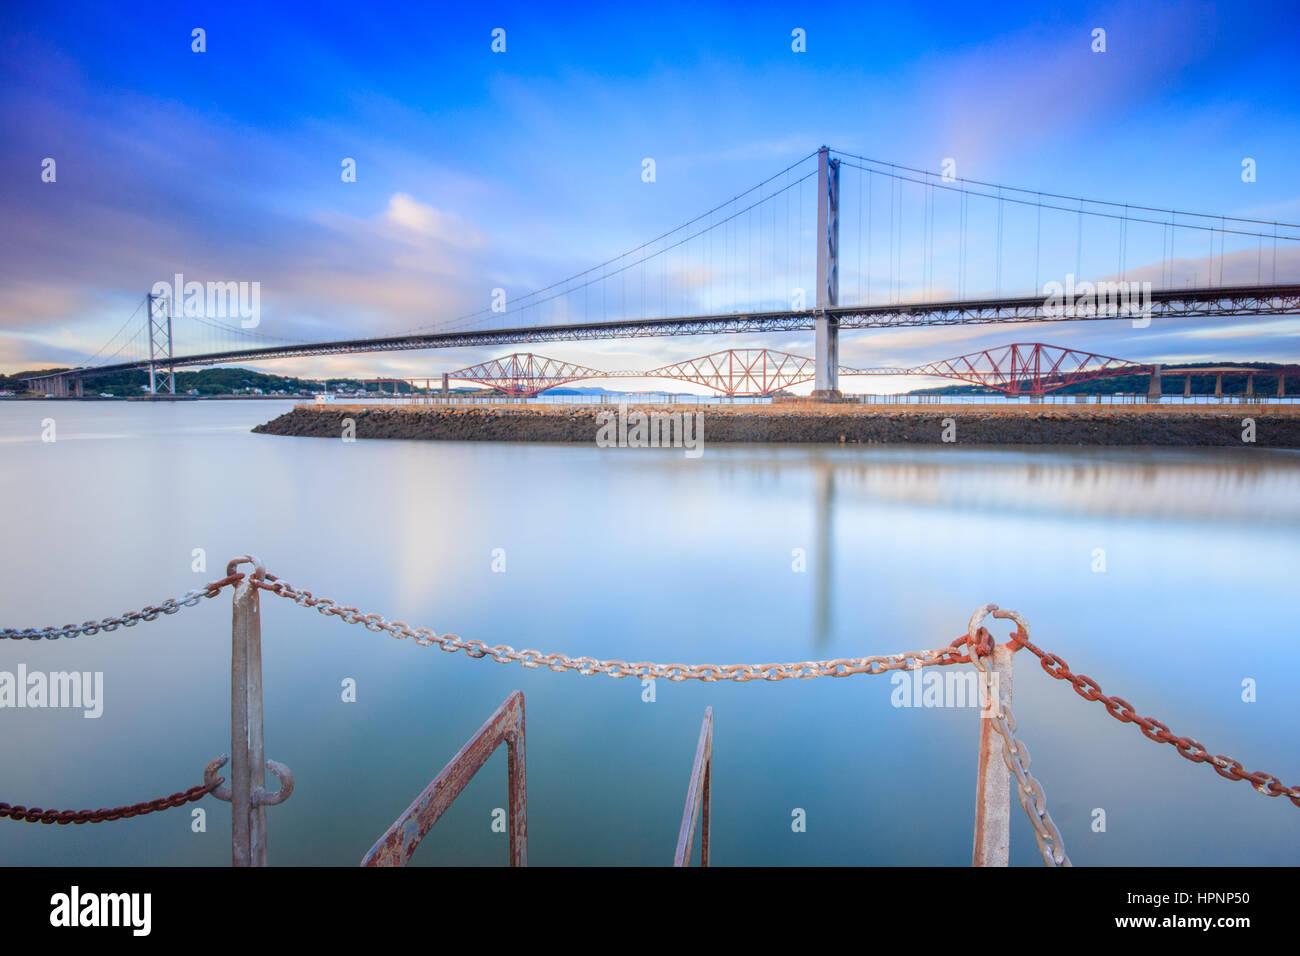 Forth Road Bridge Long Exposure - Stock Image